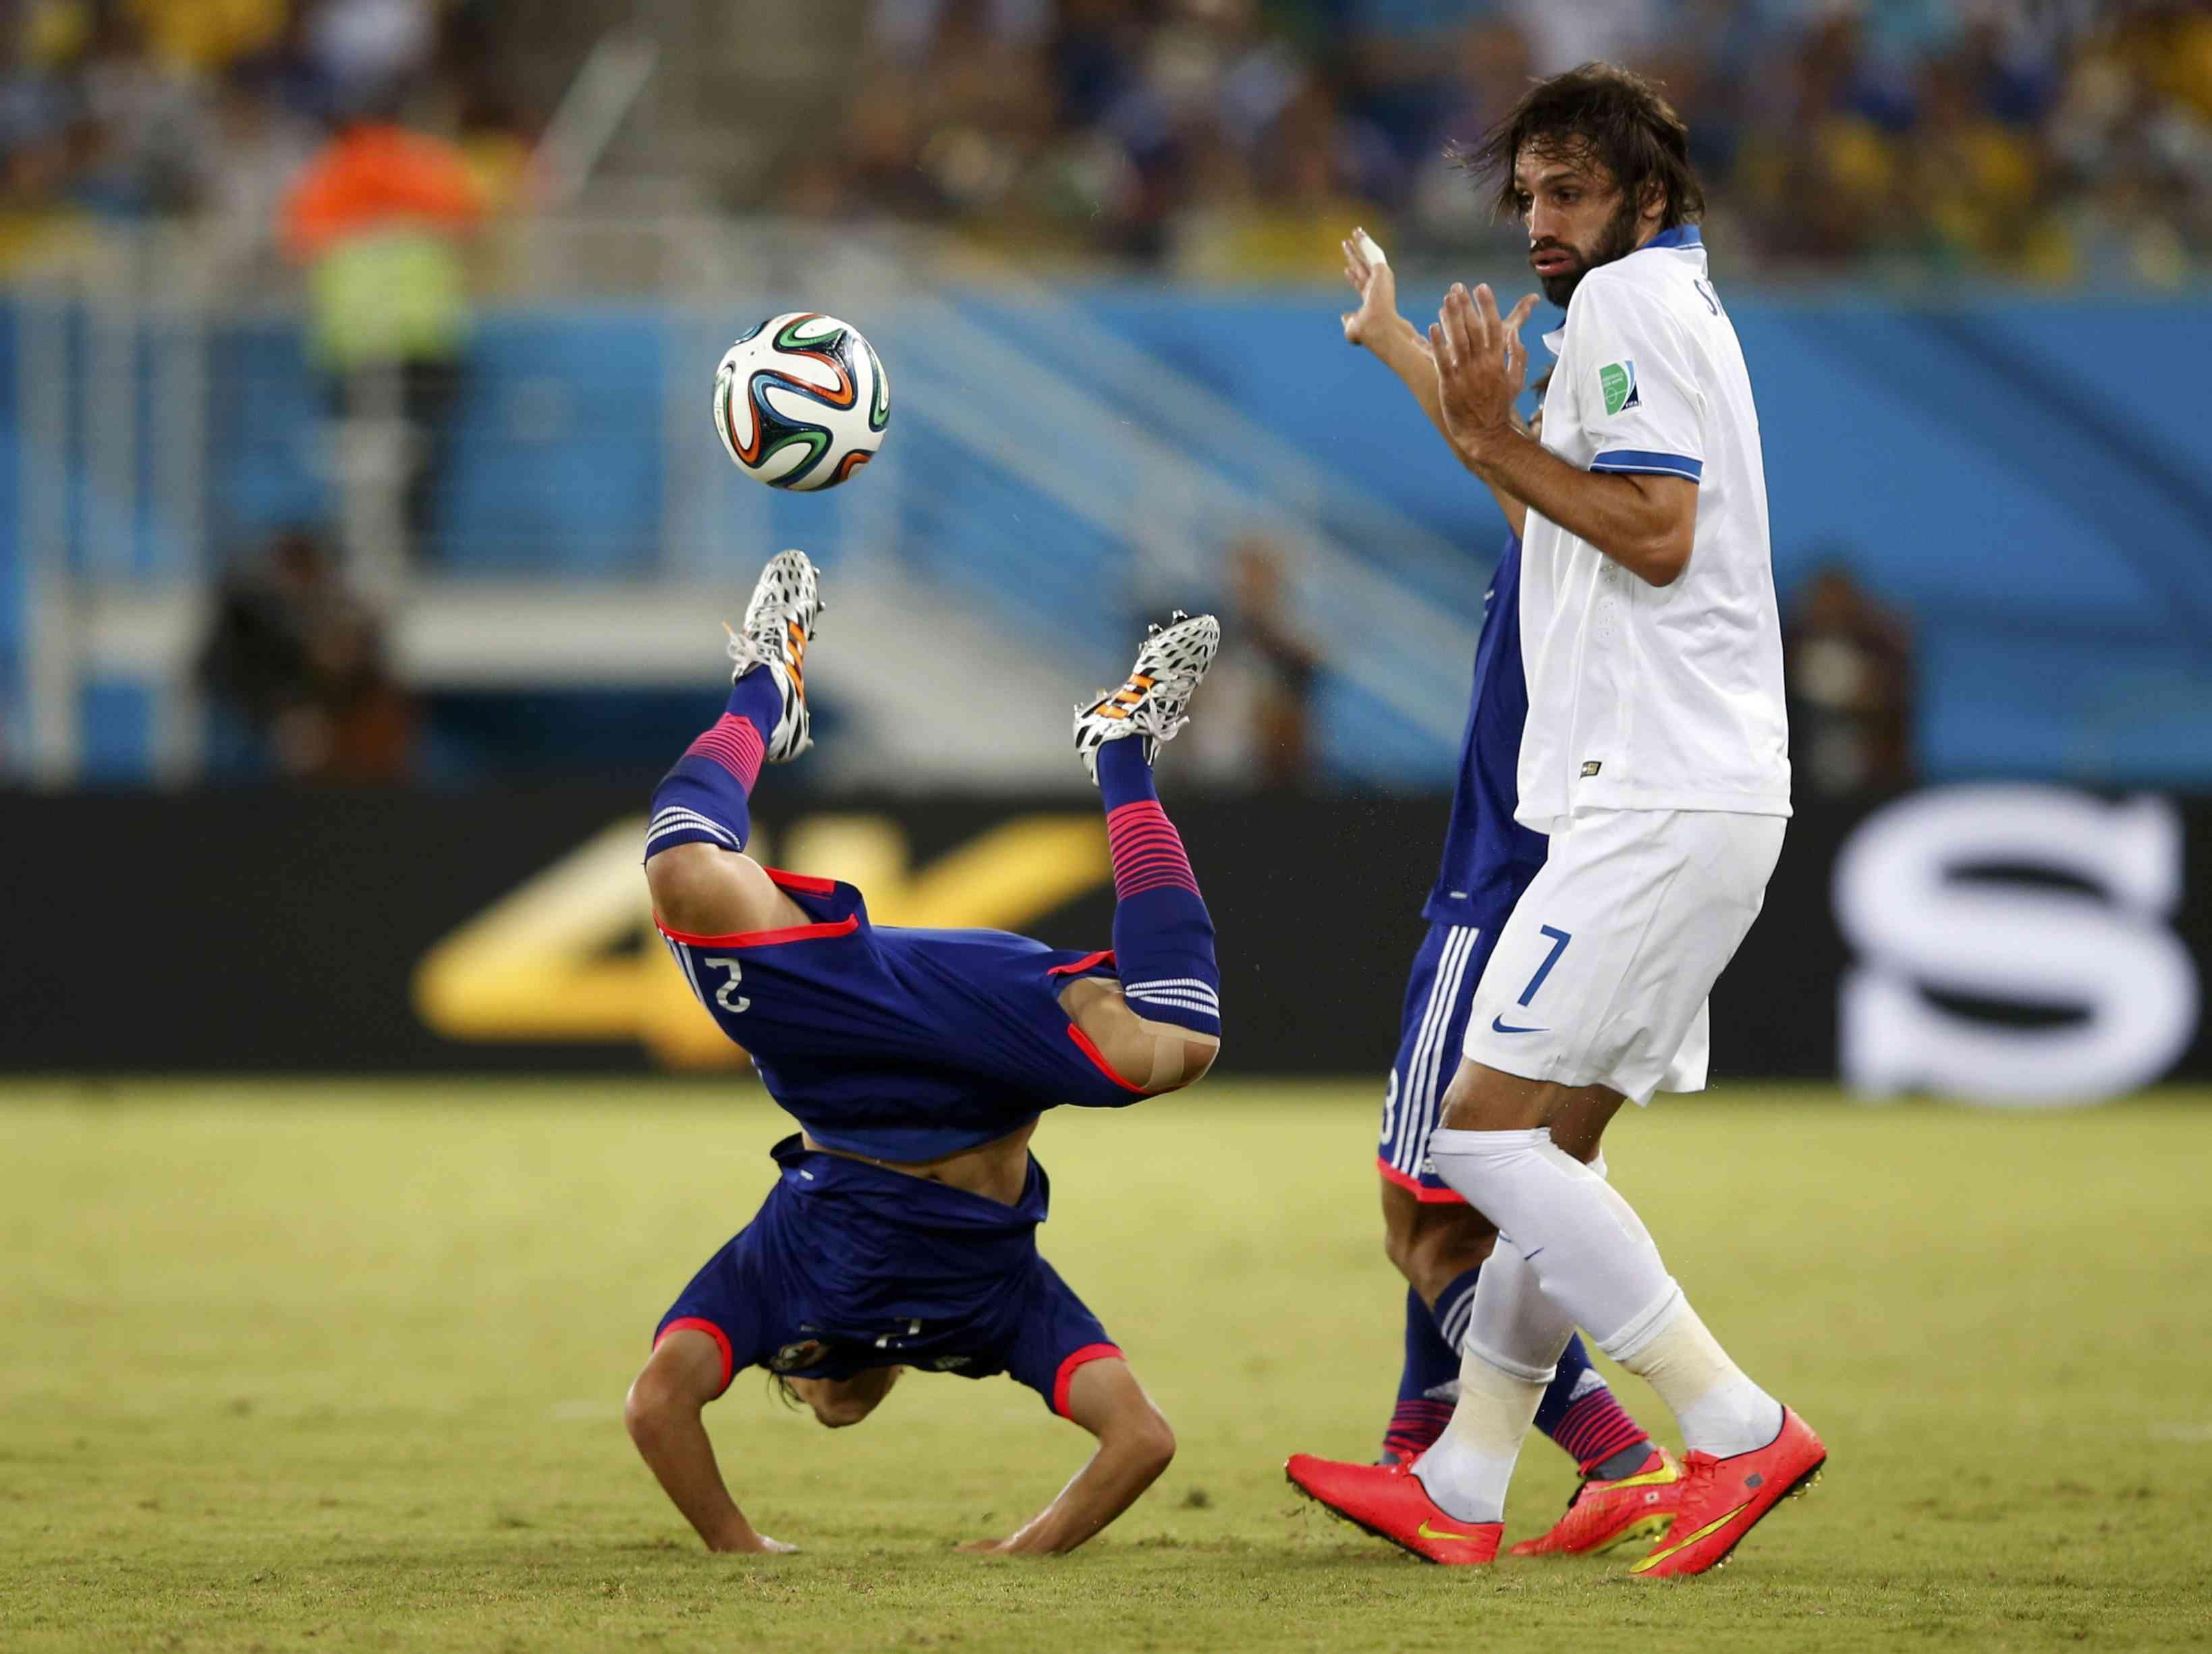 Прибавлением, прикольные картинки на чм по футболу